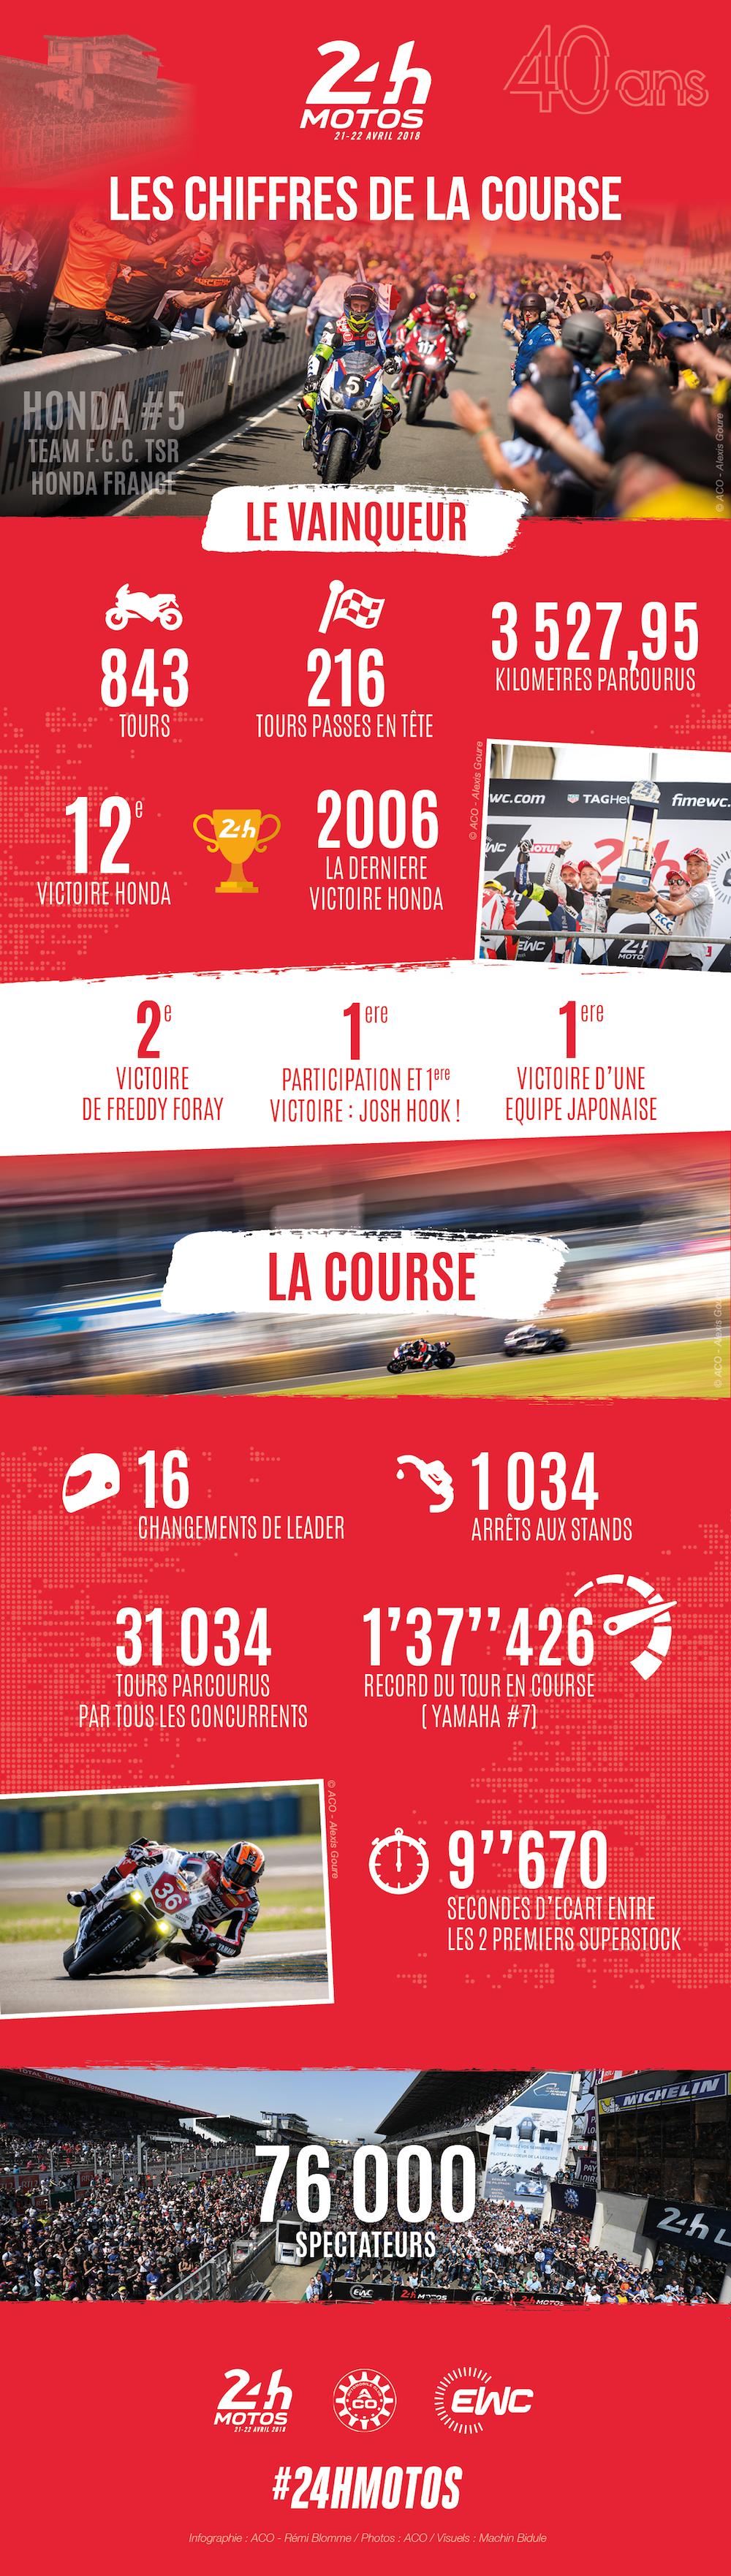 24 Heures Motos 2018 : Les chiffres clés de la 41e édition (infographie)